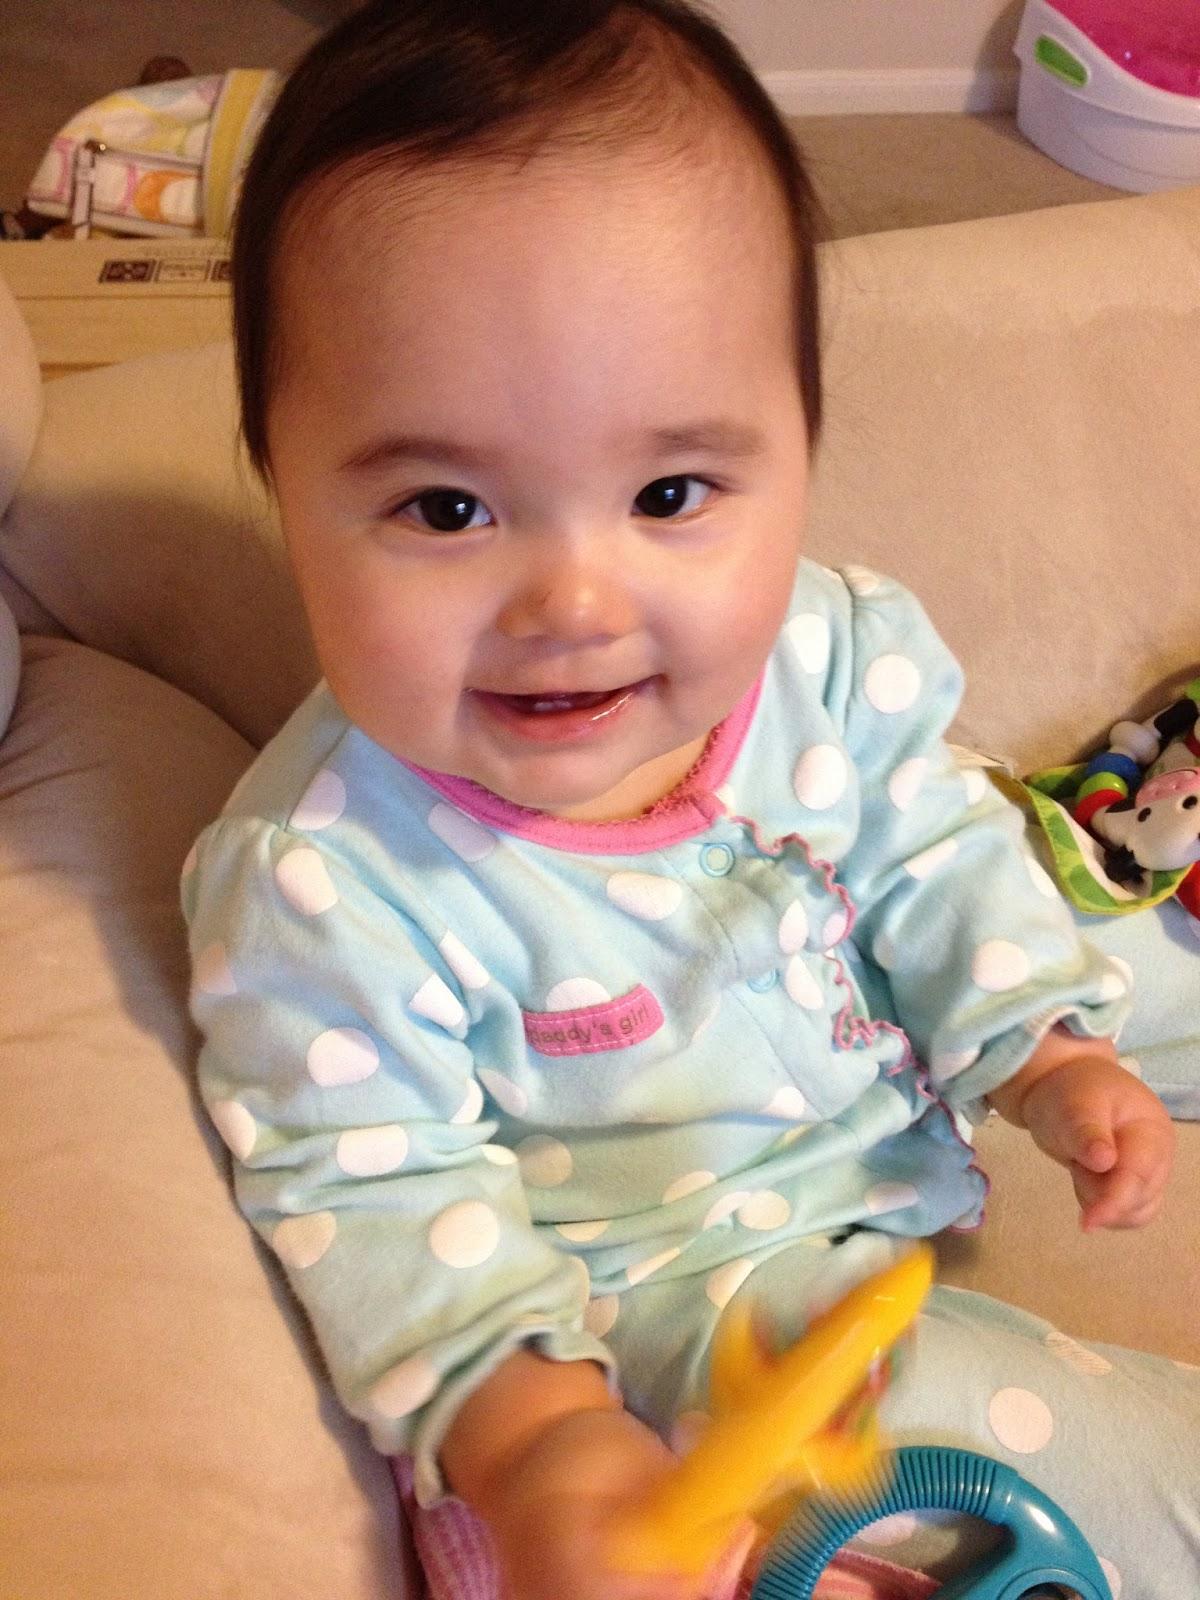 [第二輪365-7] 嬰兒便秘怎麼辦 + 小秋青花菜初體驗 @ 小秋的生活記事 :: 痞客邦